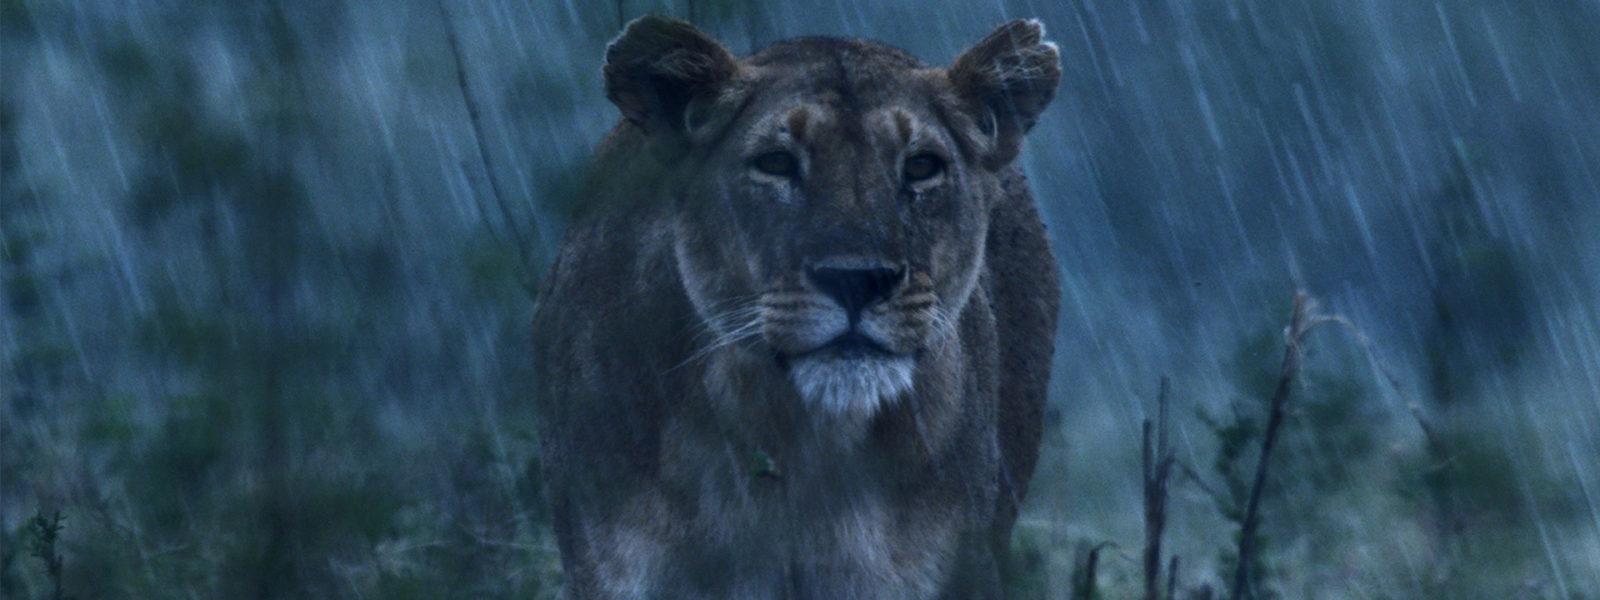 Lion_1920x1080